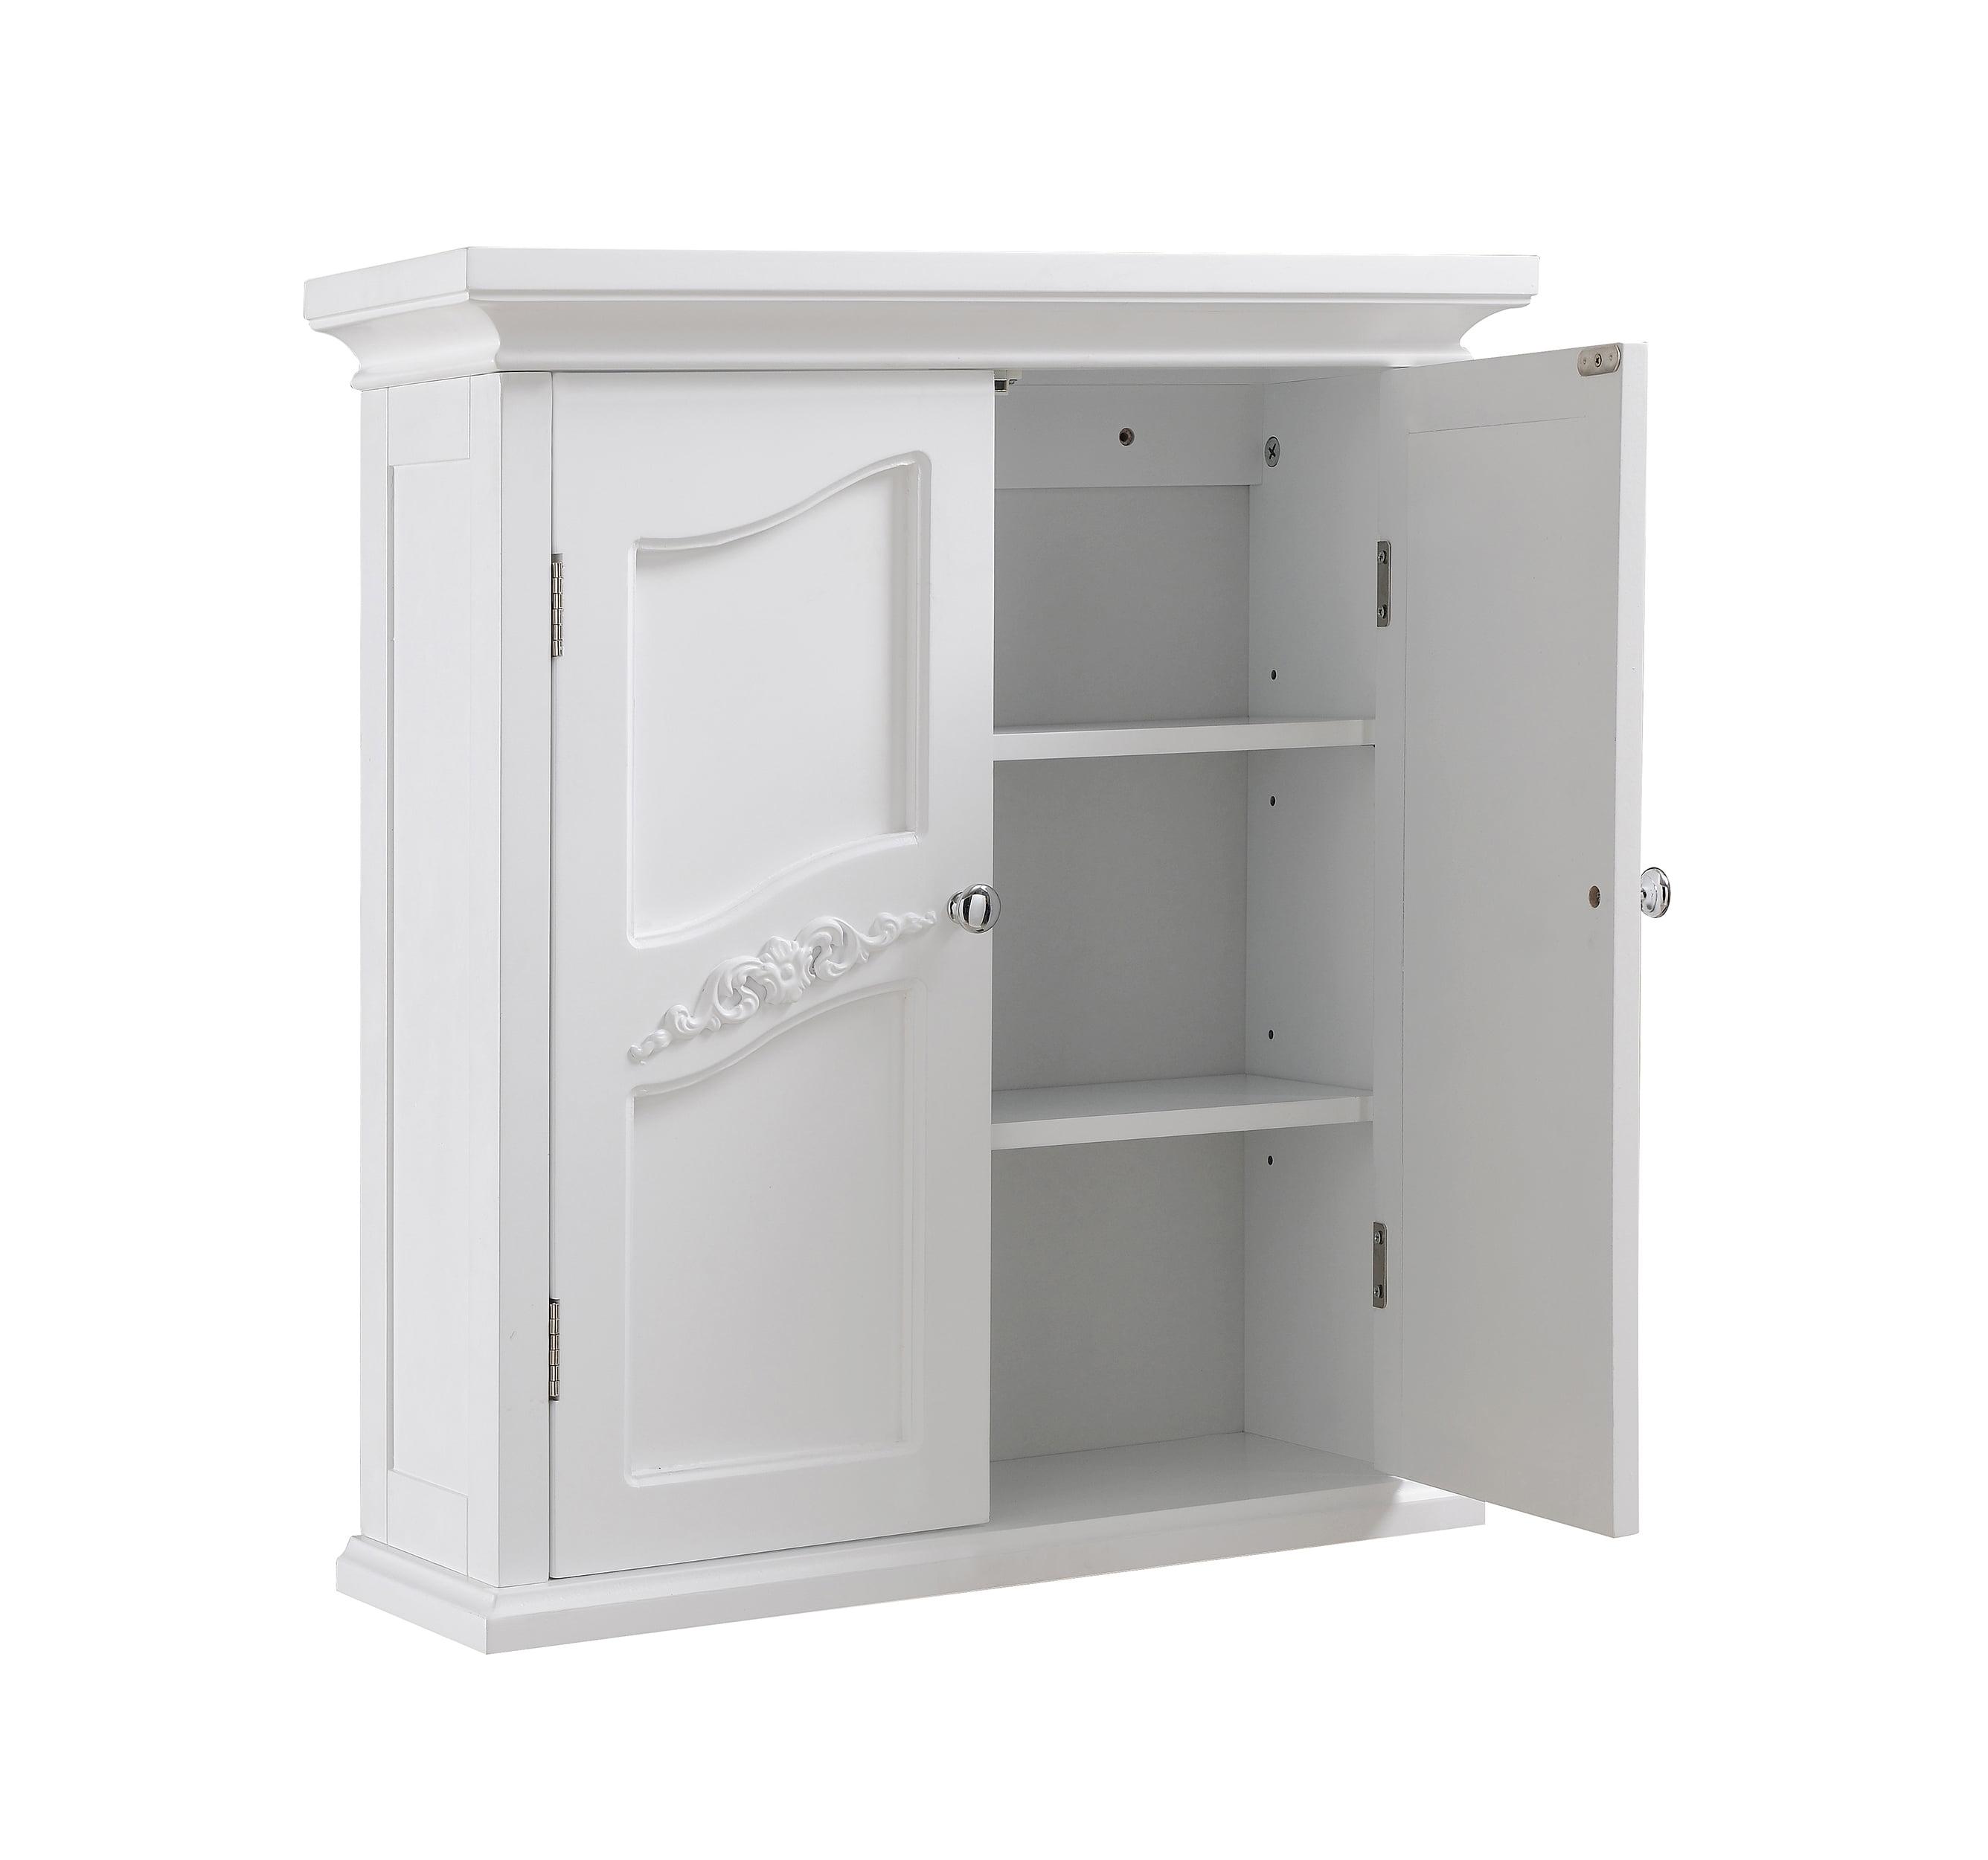 elegante gabinete de almacenamiento de pared para ba o On gabinete de almacenamiento de bano barato